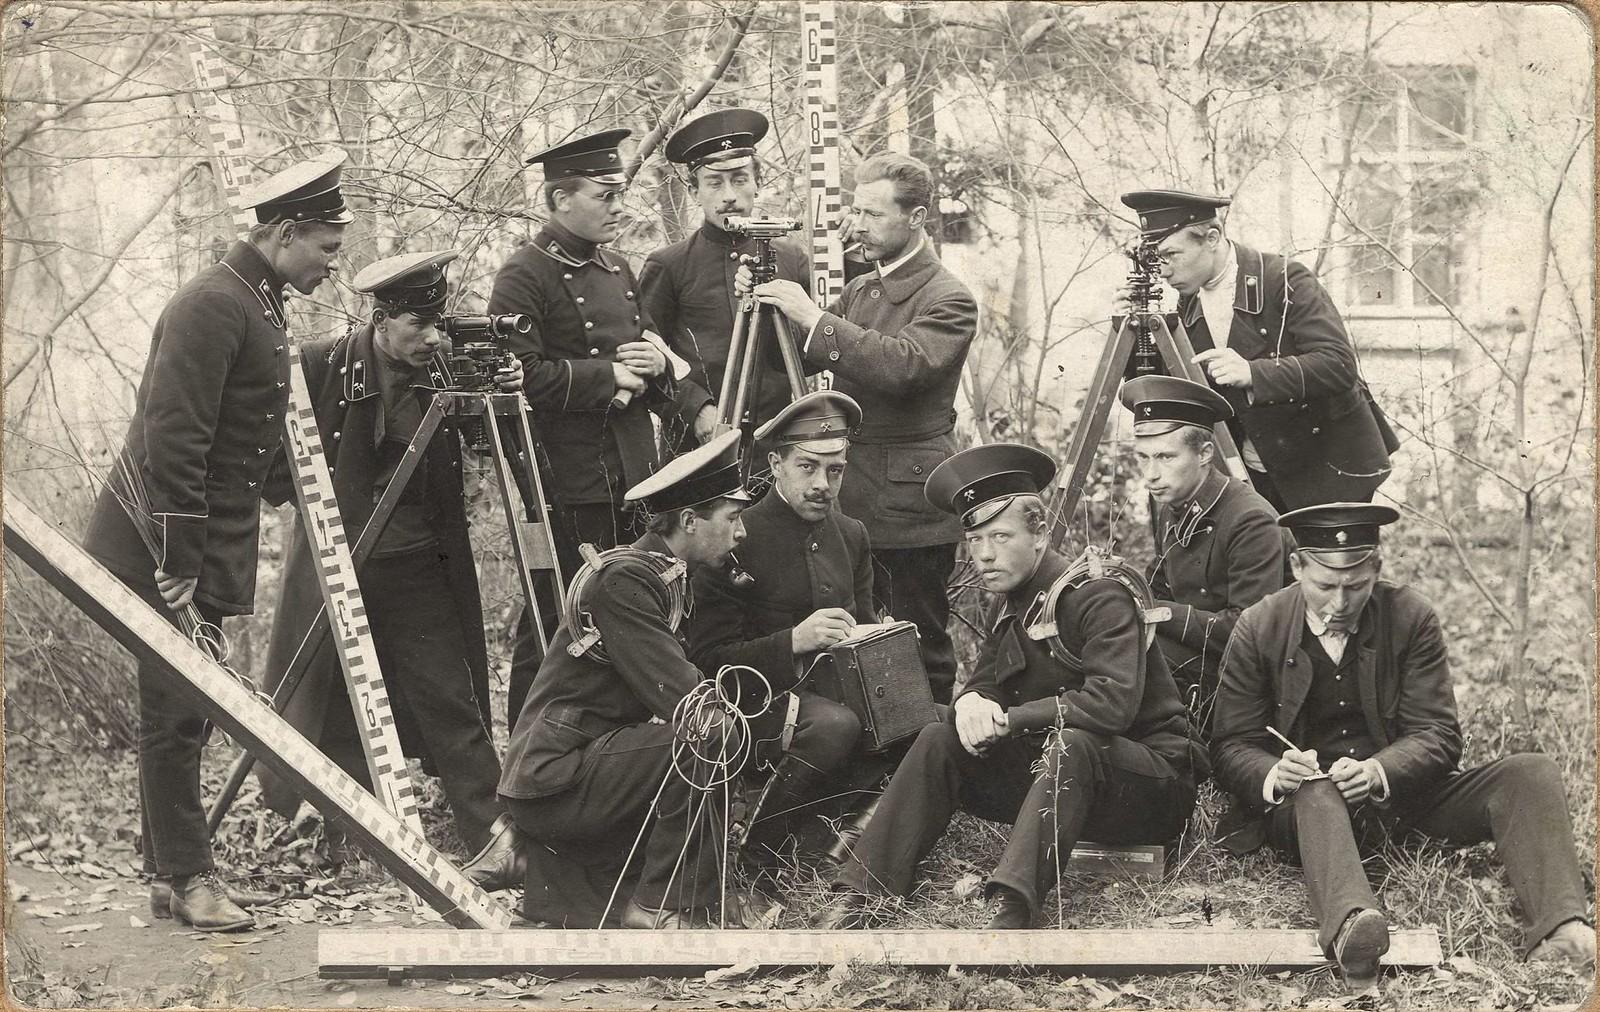 1914. Ученики 4 класса Иркутского горного училища с преподавателем